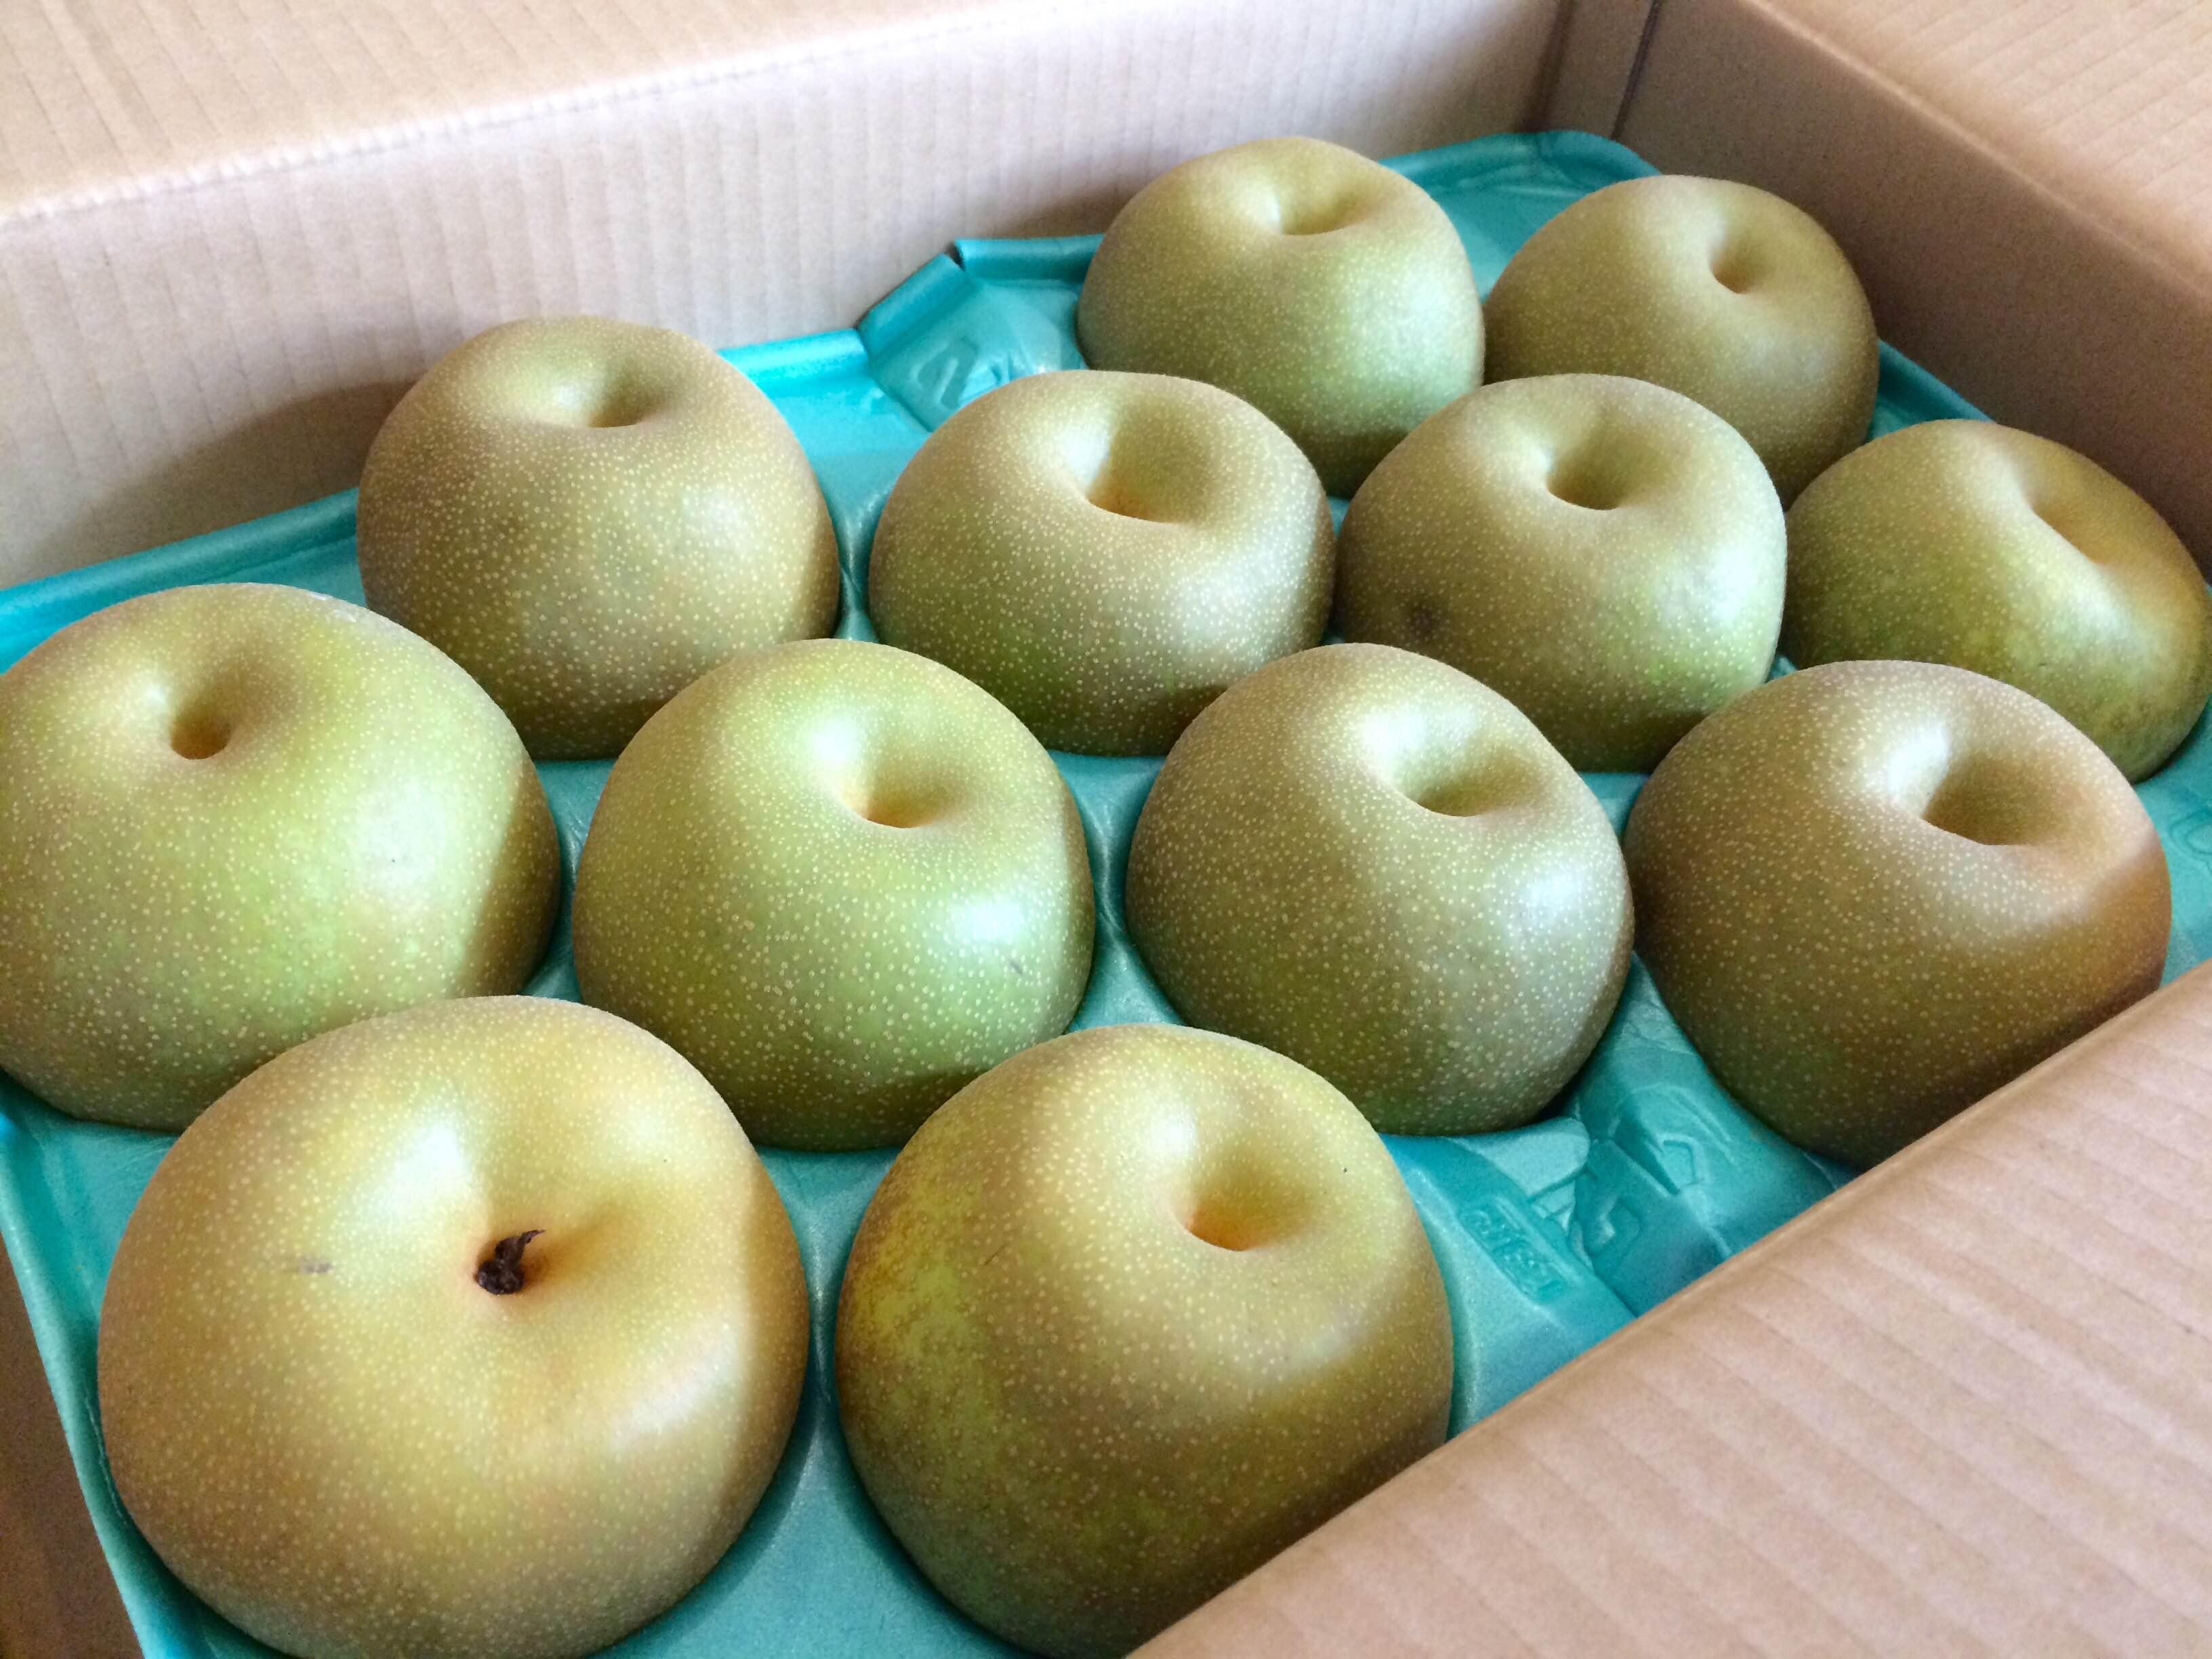 実家から梨が届きました